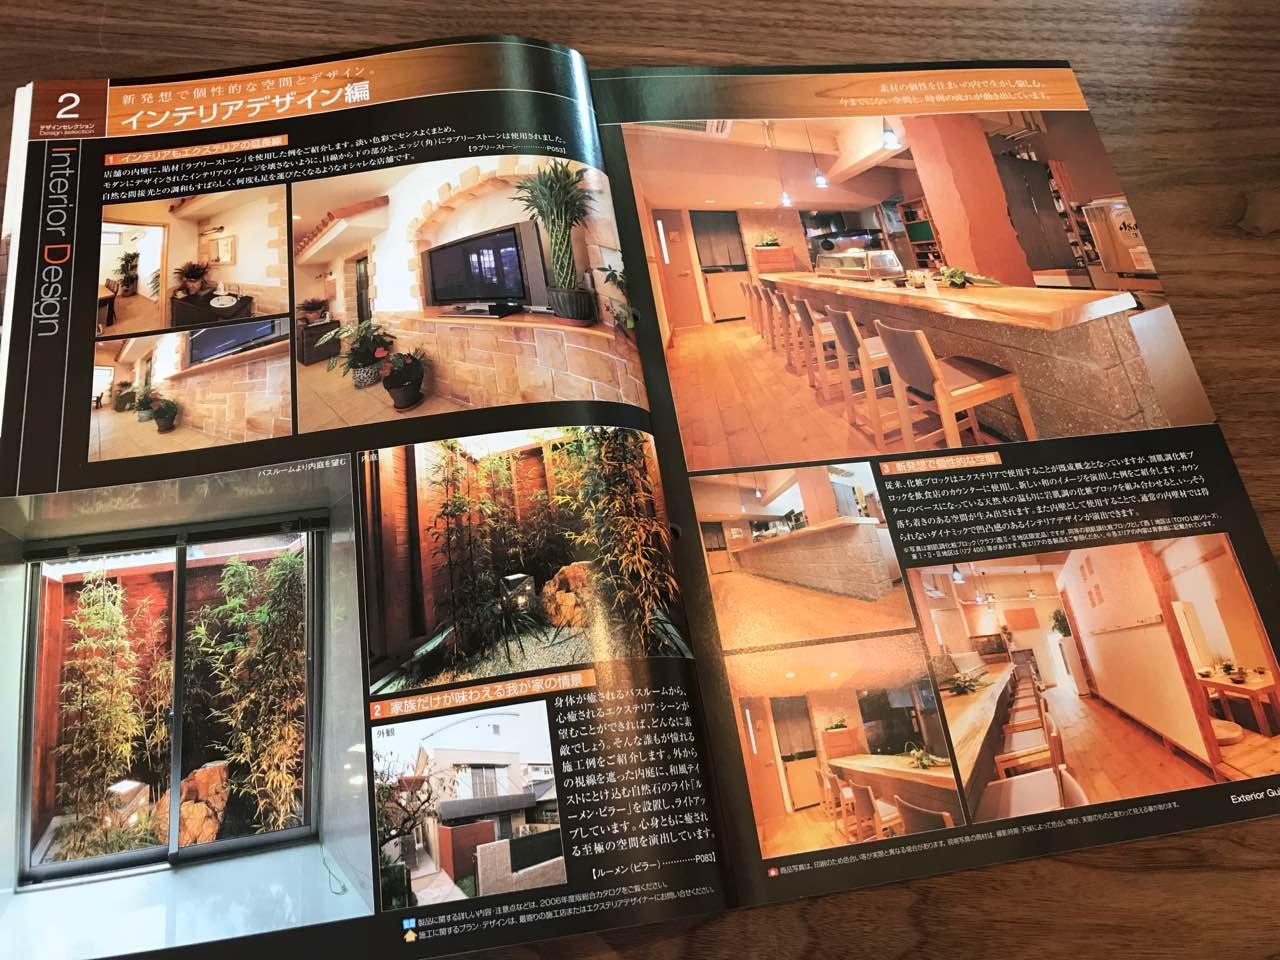 バスルームから見える内庭。  東洋工業 TOYO 2006 Exterior Guide Book https://t.co/wV2FnRT3Pn